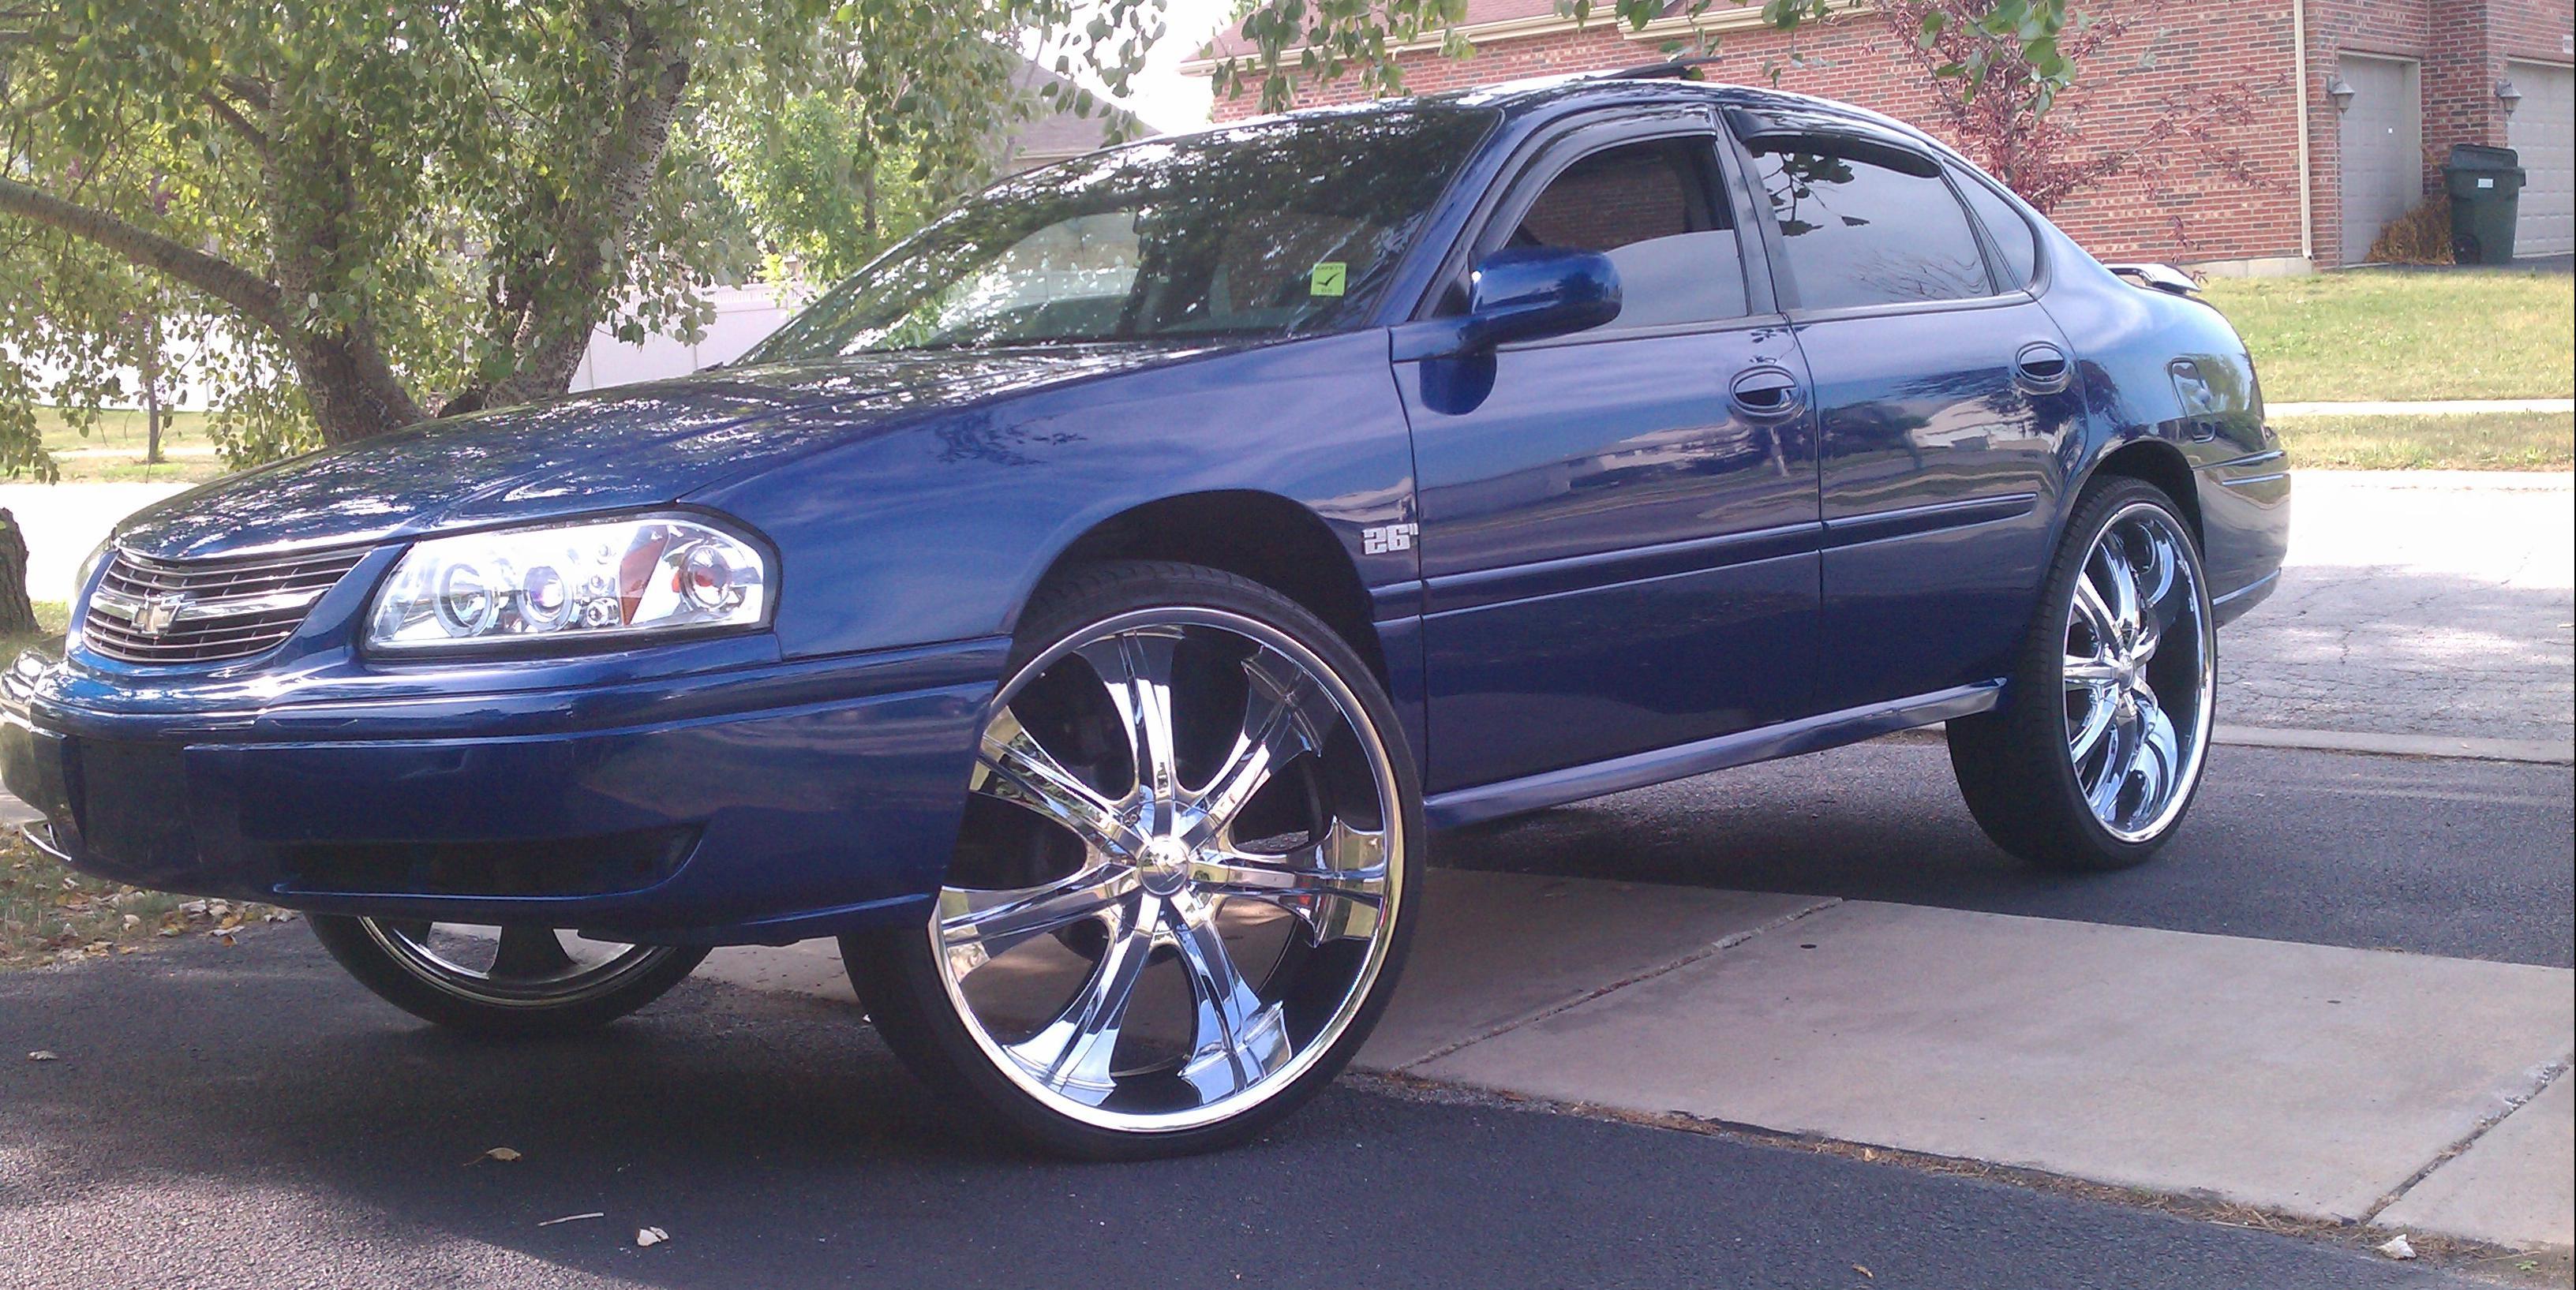 2005 chevrolet impala 21 chevrolet impala 21